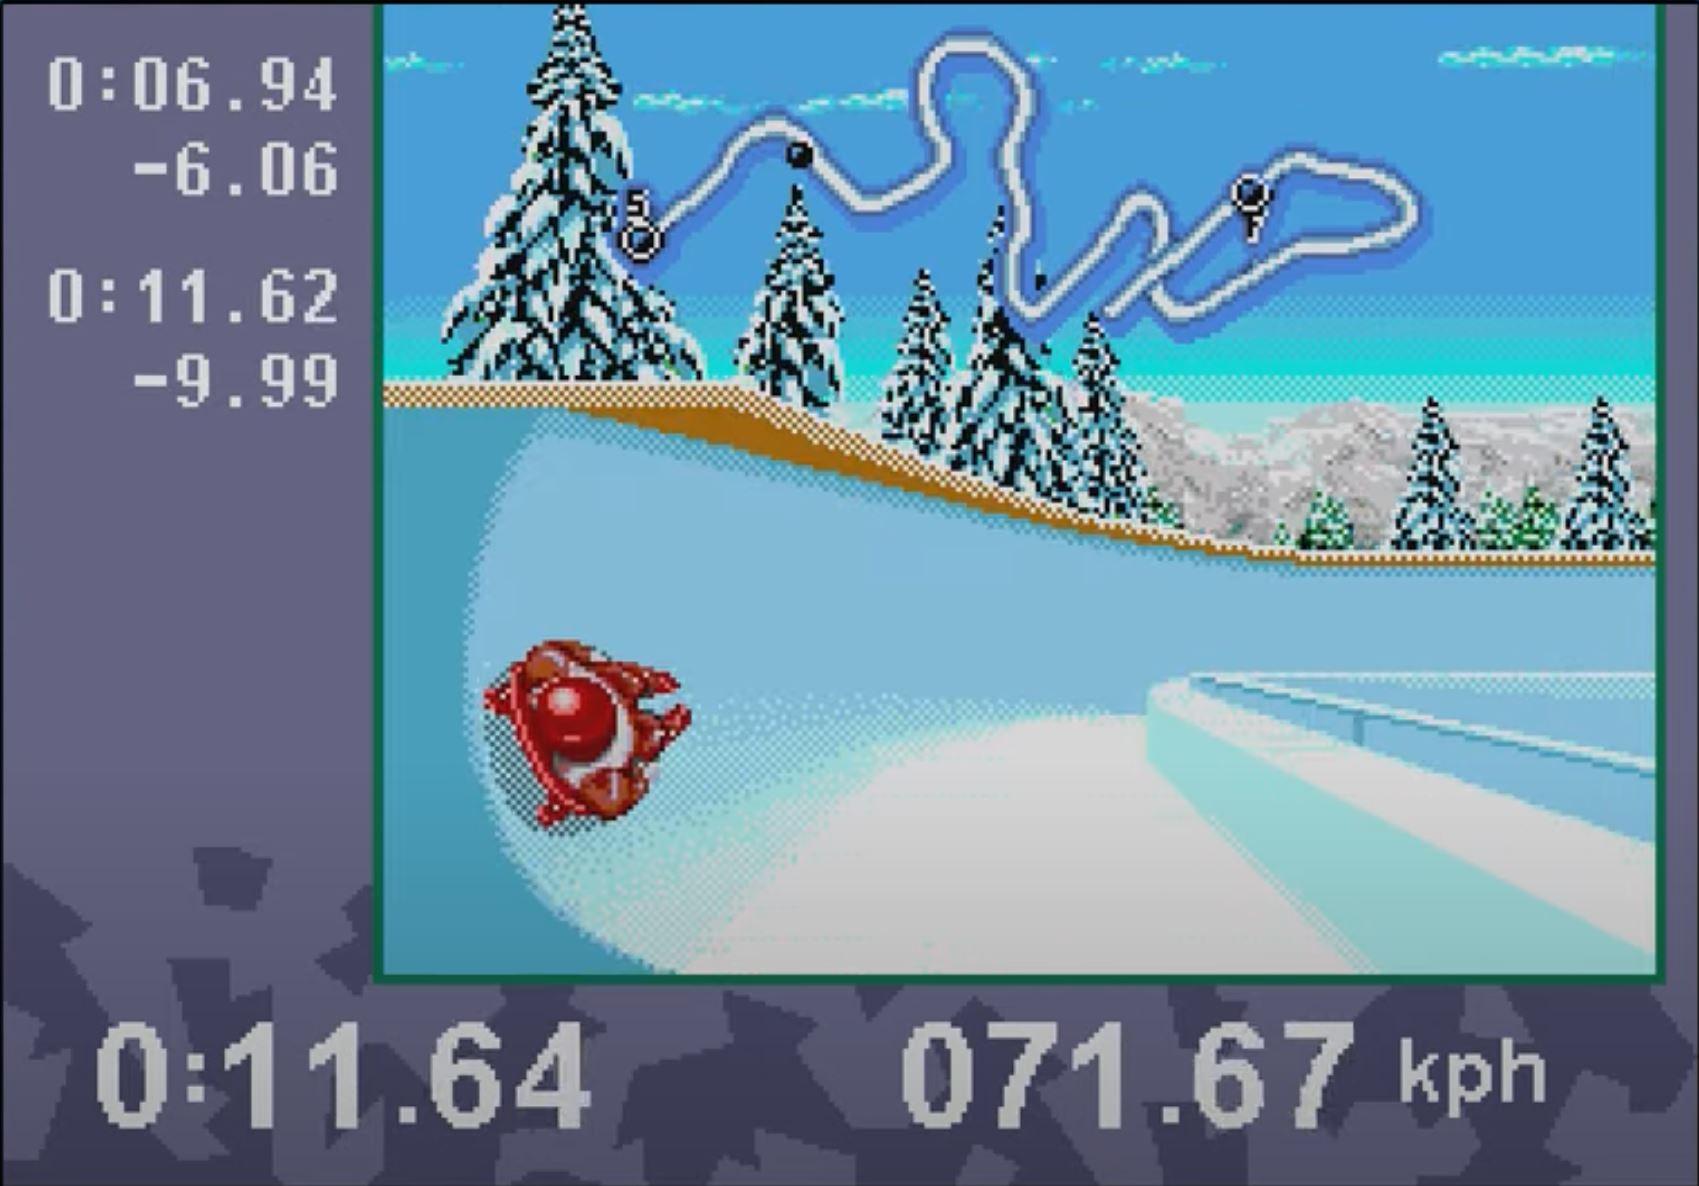 Winter Olympics Lillehammer94: Bob